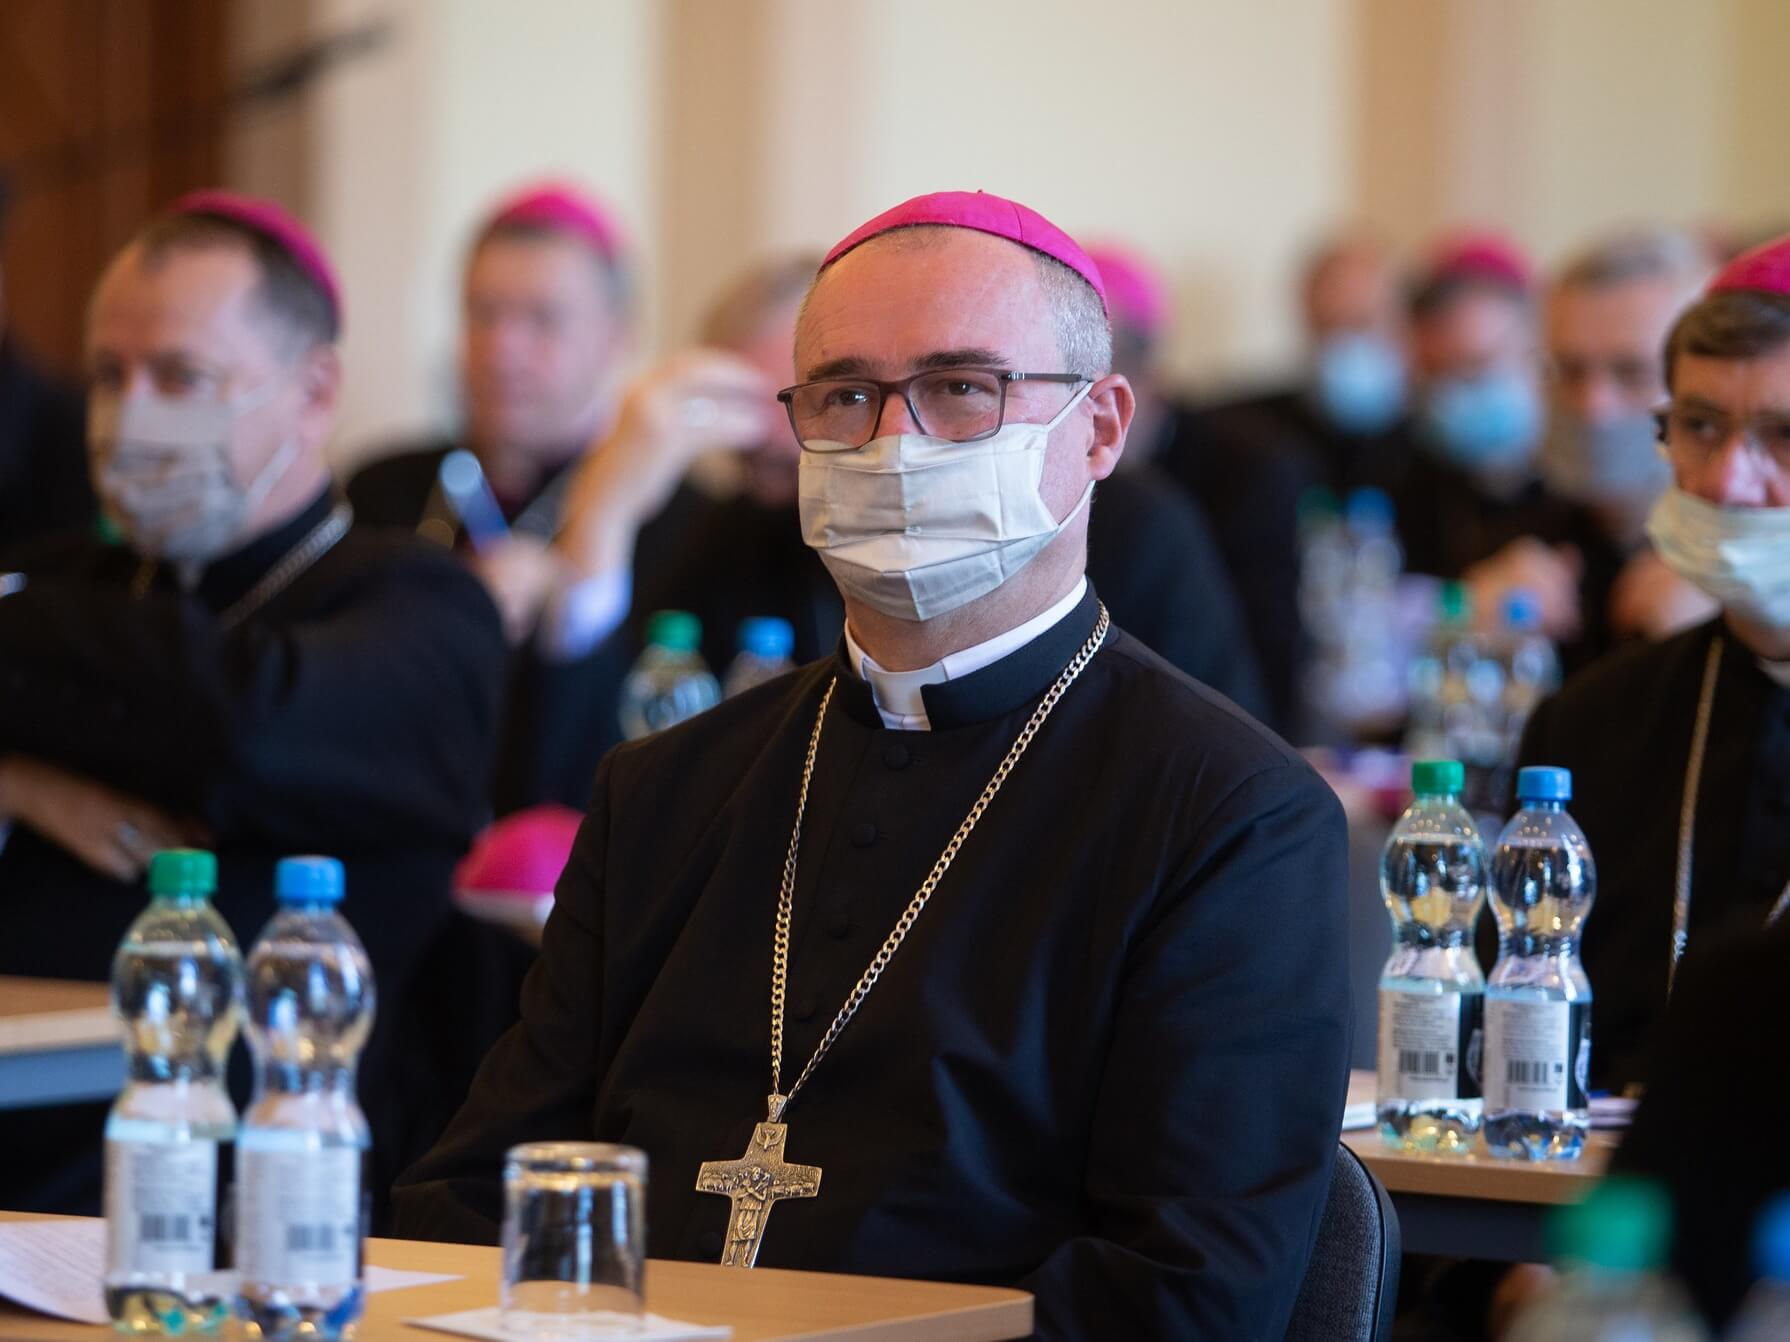 Obrady episkopatu 5-6 października w Łodzi i Pabianicach